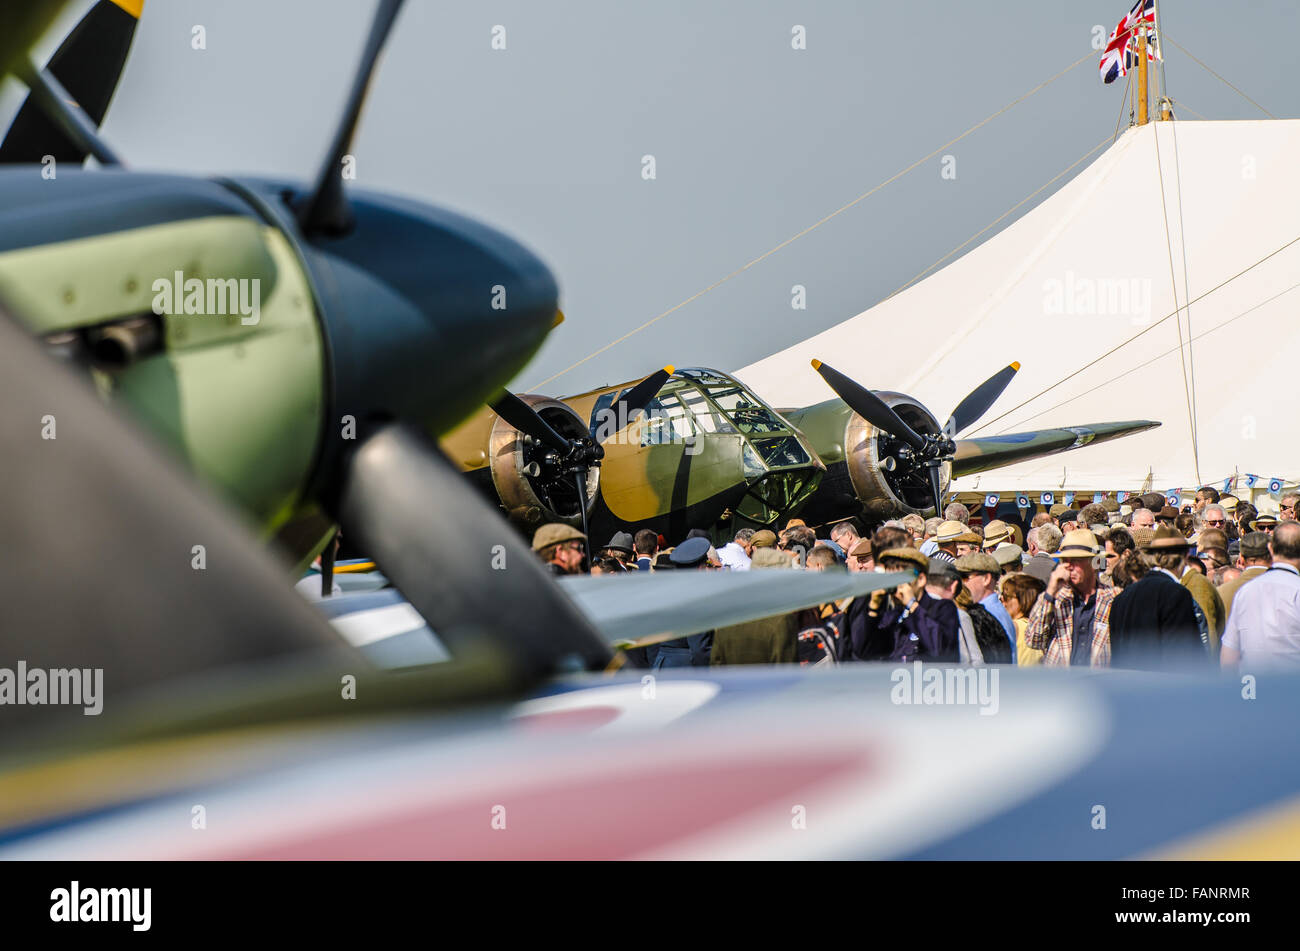 Flugzeuge. Das Goodwood Revival ist ein dreitägiges Festival im September in Goodwood Circuit Seit 1998 für Stockbild